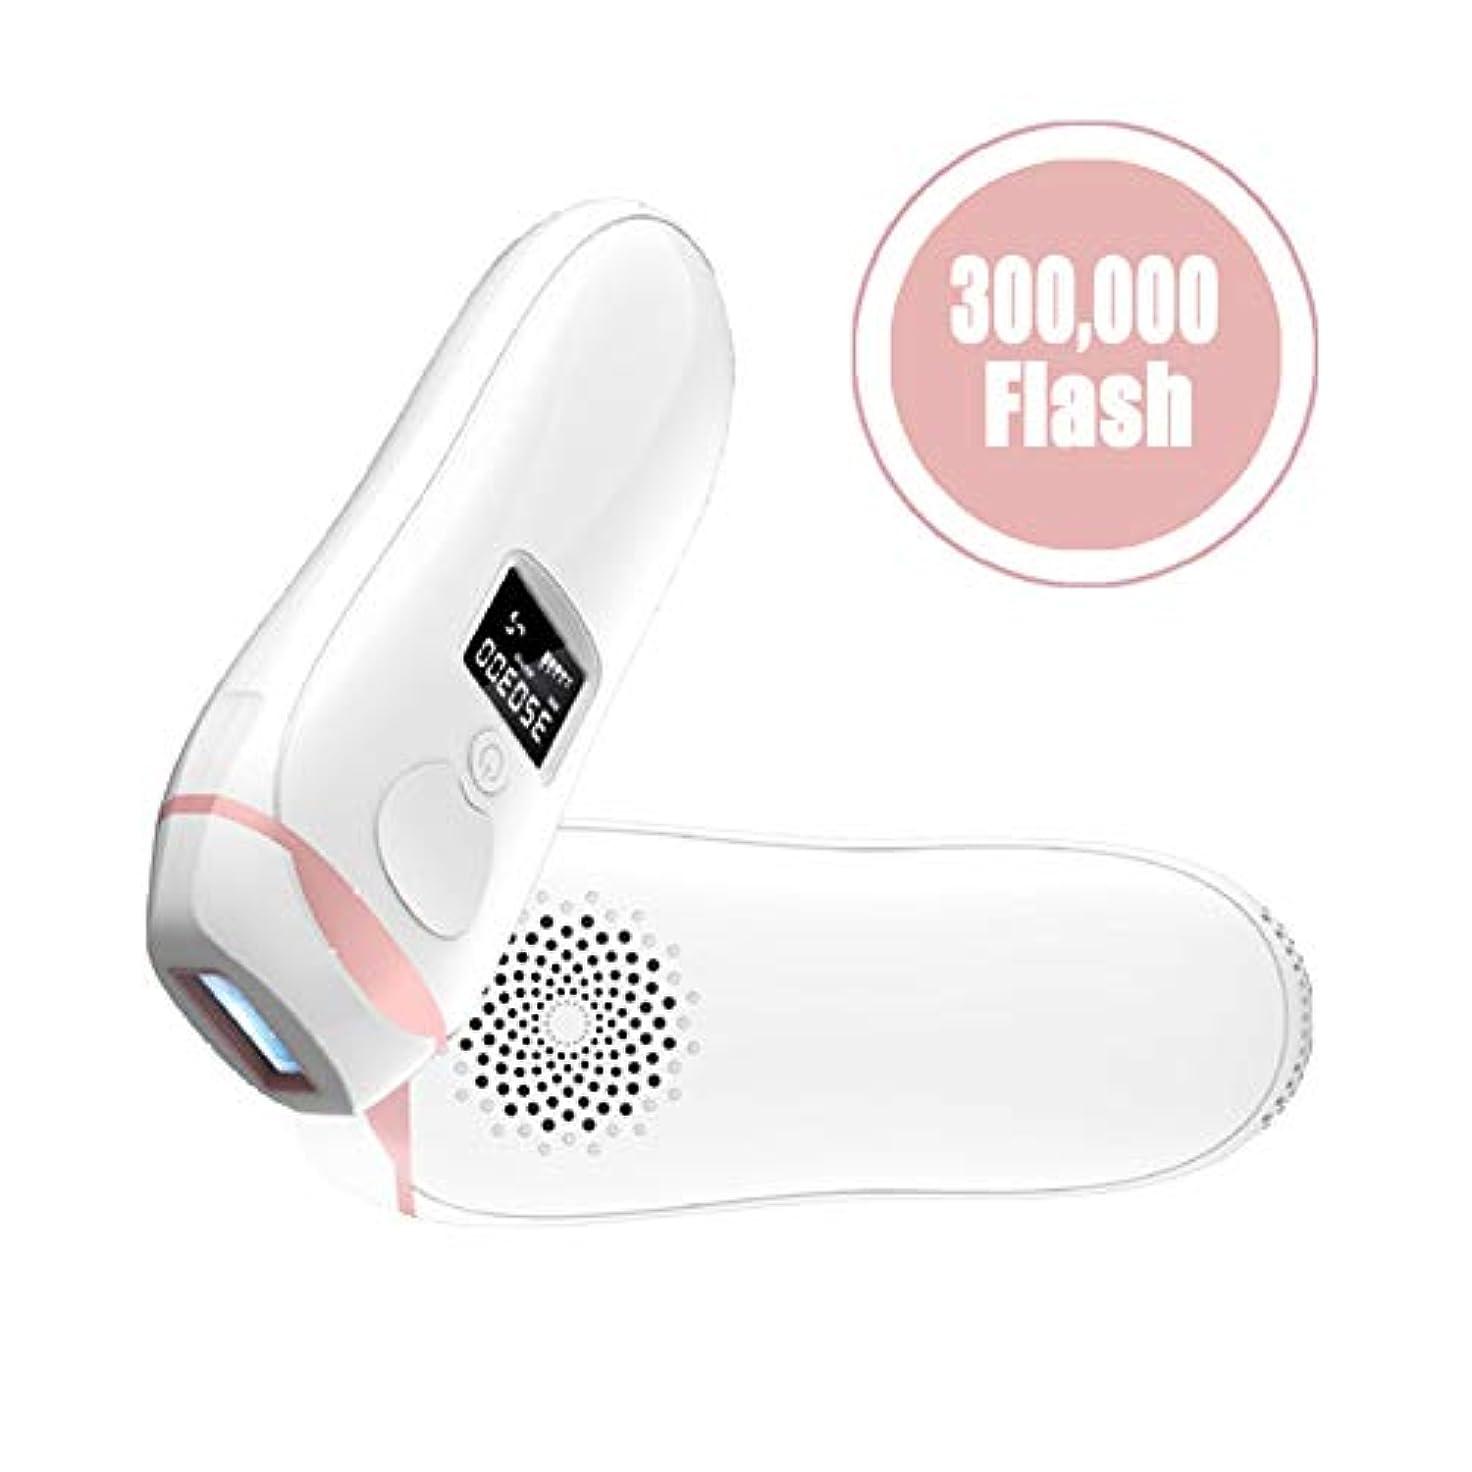 肺アーネストシャクルトン攻撃アップグレードIPLレーザー脱毛システム30万回のフラッシュ無痛常設パルス光脱毛器デバイス、にとってボディフェイス脇の下ビキニライン